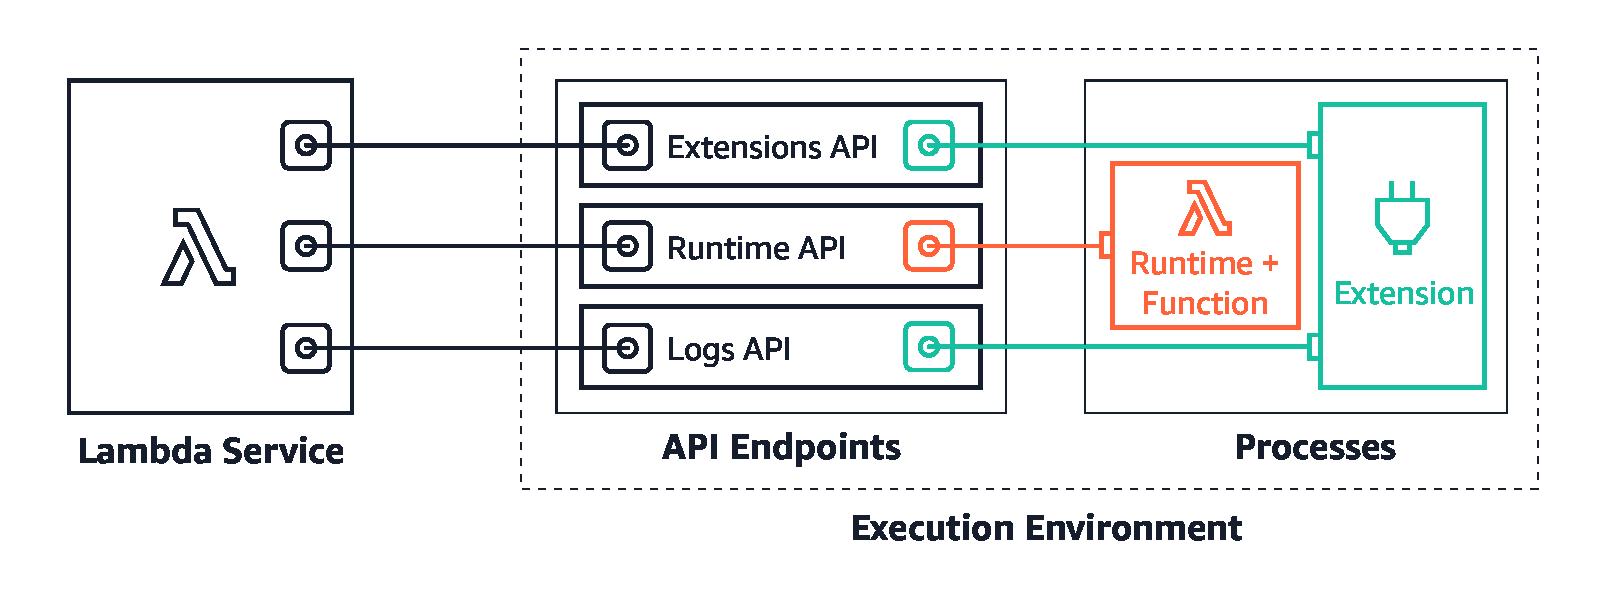 logs api concept diagram